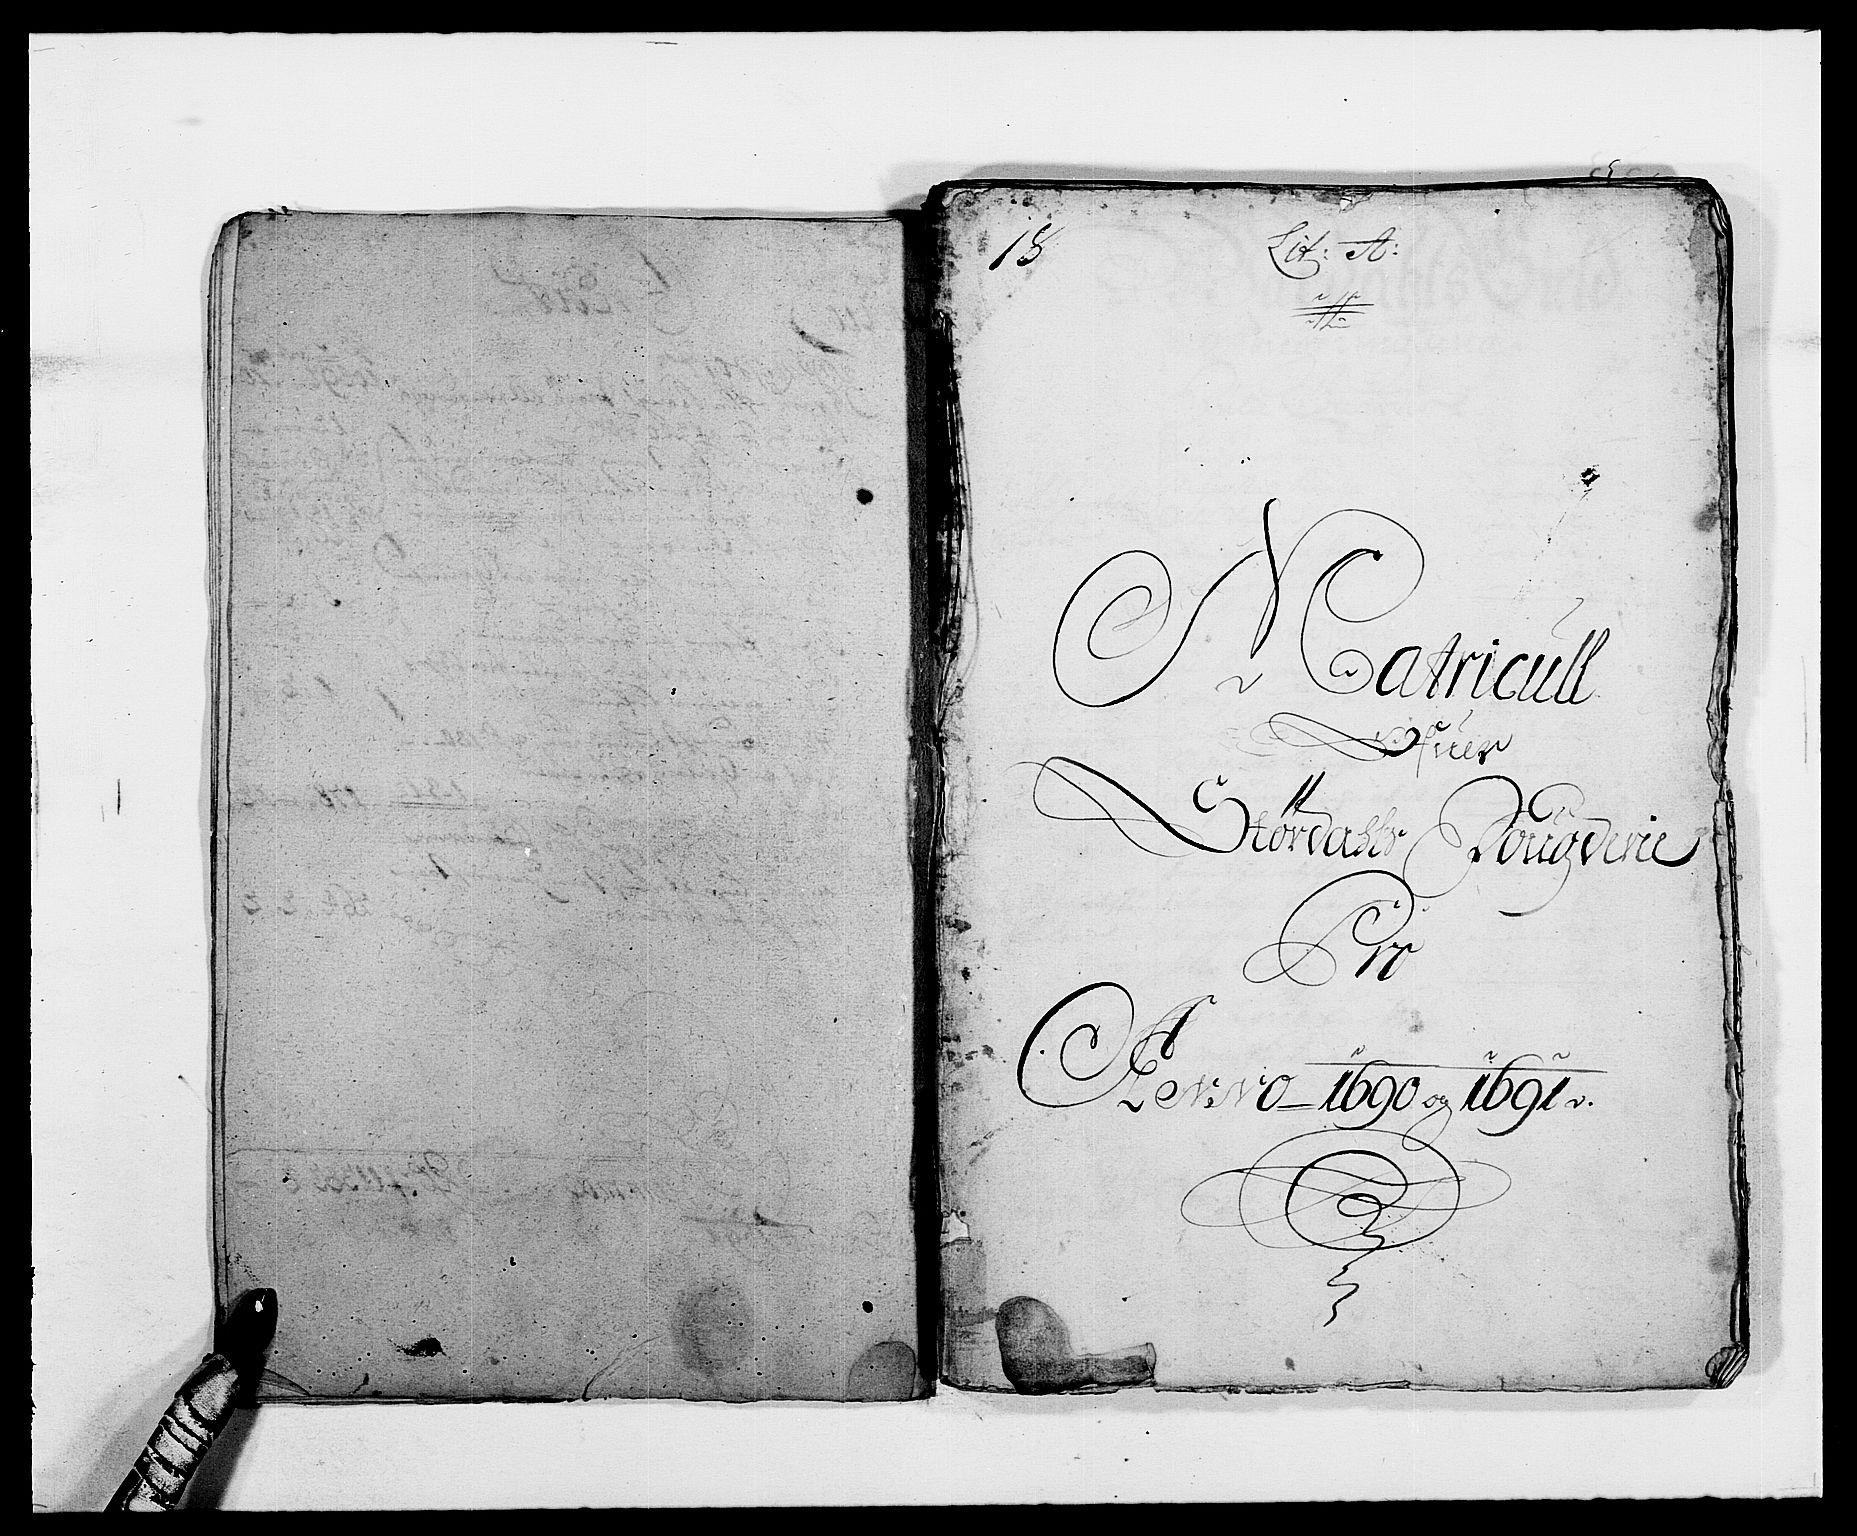 RA, Rentekammeret inntil 1814, Reviderte regnskaper, Fogderegnskap, R62/L4184: Fogderegnskap Stjørdal og Verdal, 1690-1691, s. 243